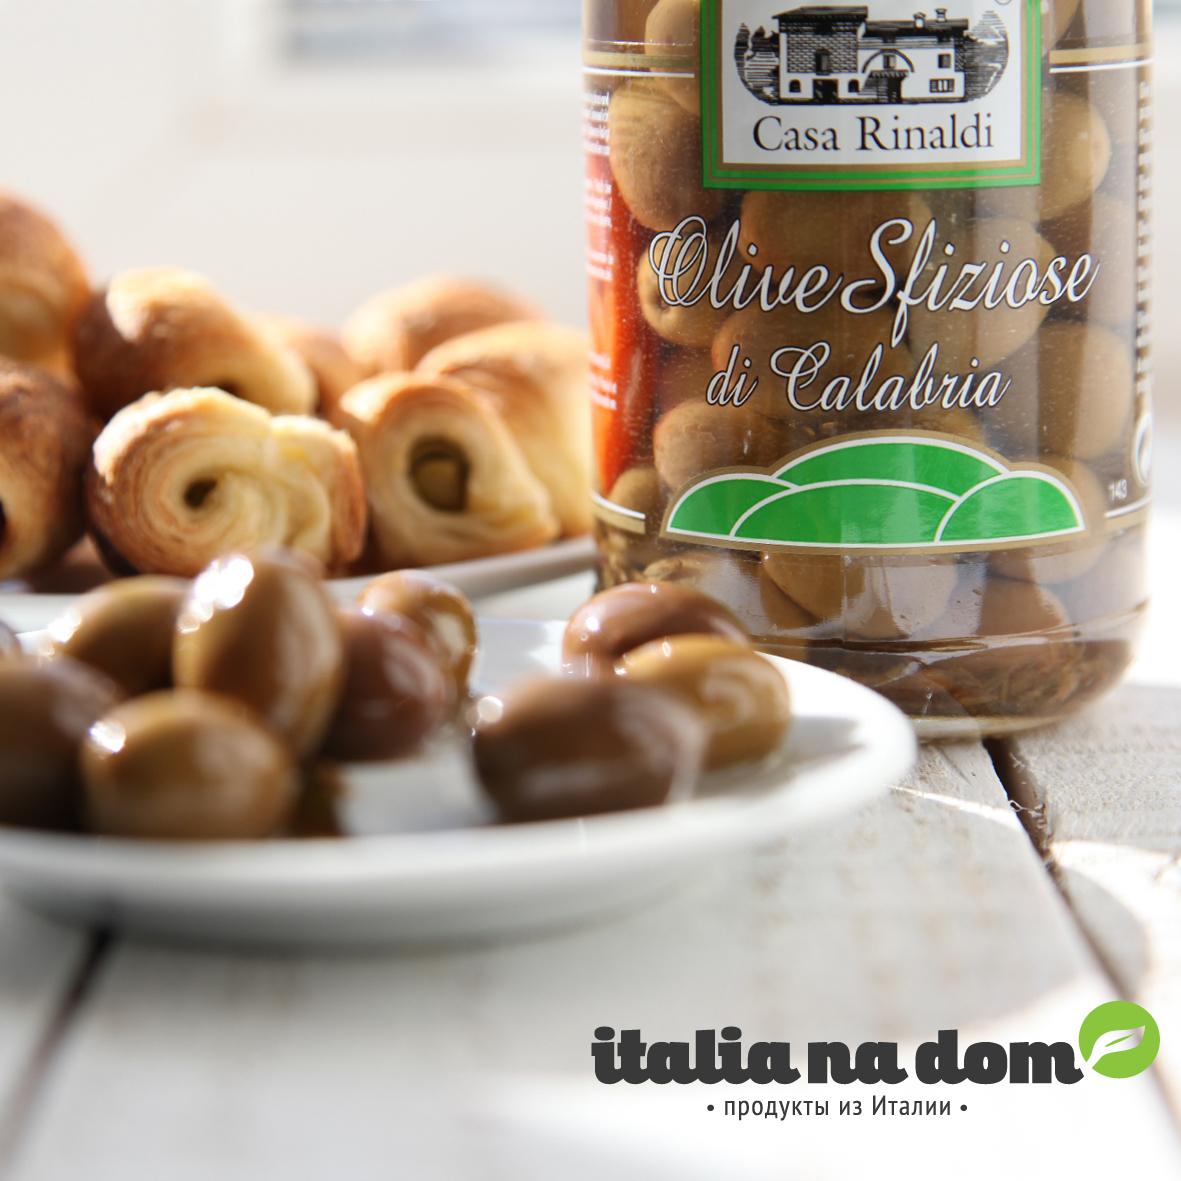 Оливки Casa Rinaldi Калабрия консервированные с косточкой 300г